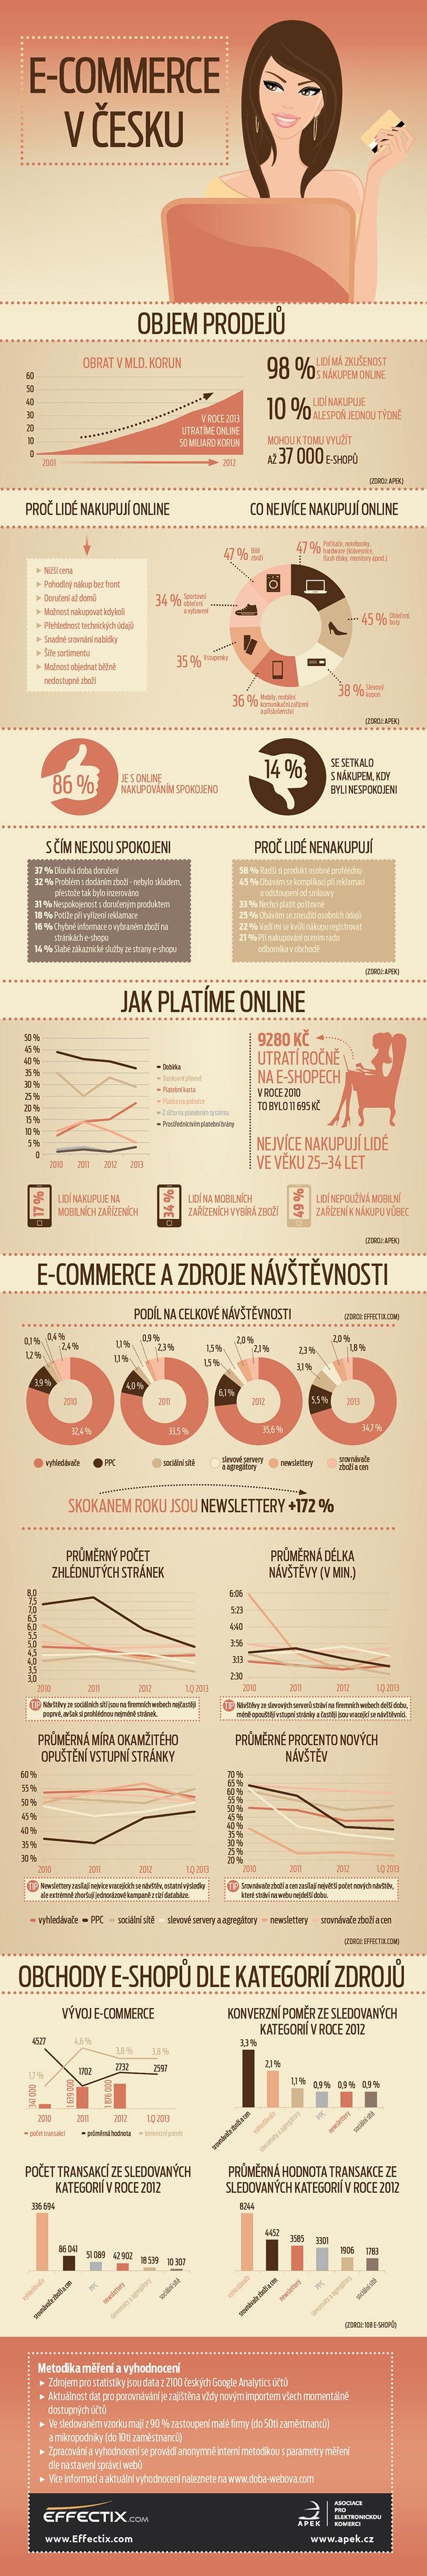 Třetí infografika z dílny Effectix.com ukazuje, jak je na tom v Česku e-komerce (hlavně na datech od APEKu) a opět doplňuje konkrétní čísla ze vzorku vlastních webů. 3. díly seriálu infografik EFFECTIX www.doba-webova.com.